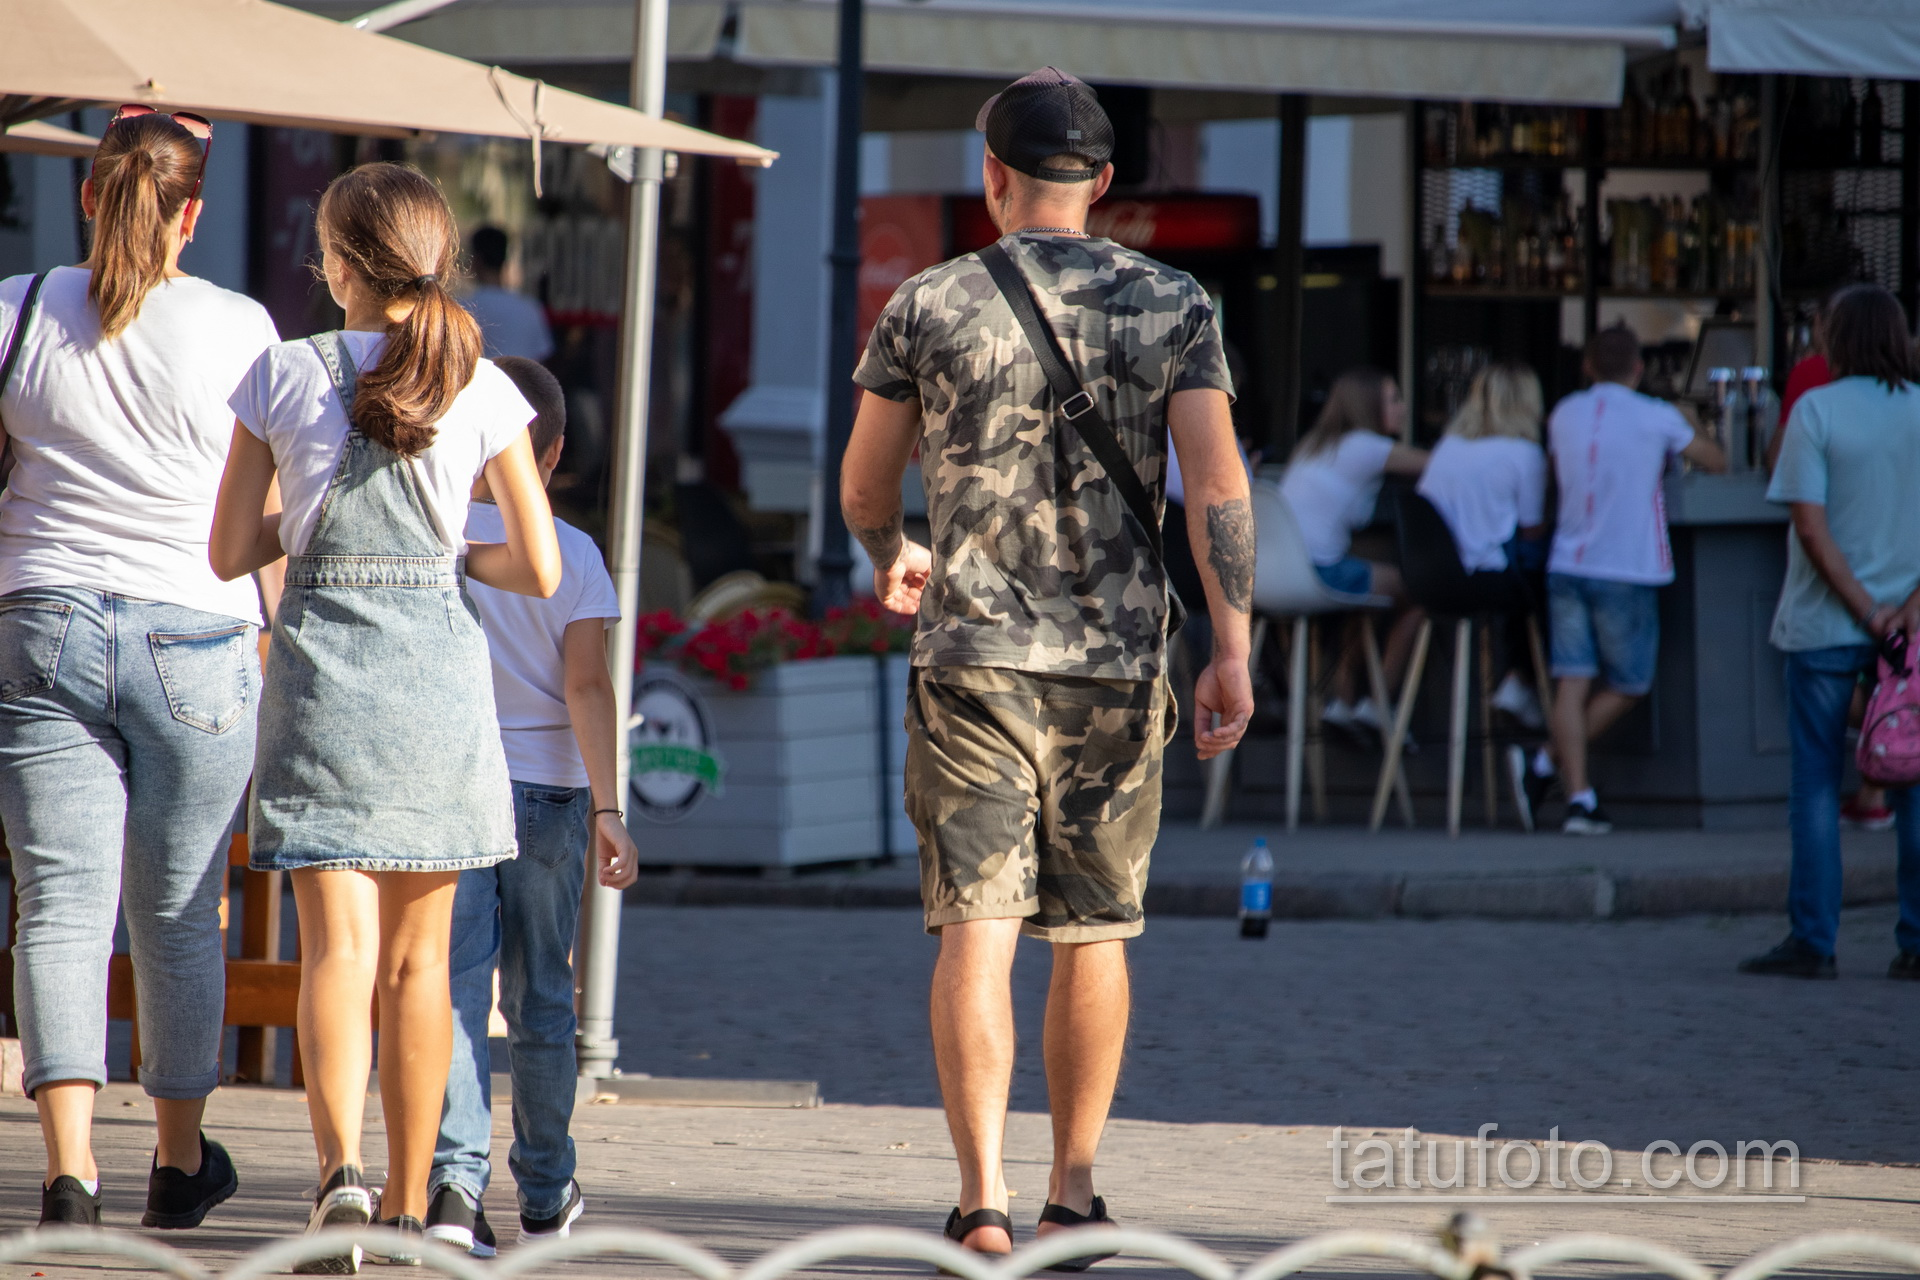 Биомеханическая татуировка на левой руке мужчины – Уличная татуировка 14.09.2020 – tatufoto.com 4